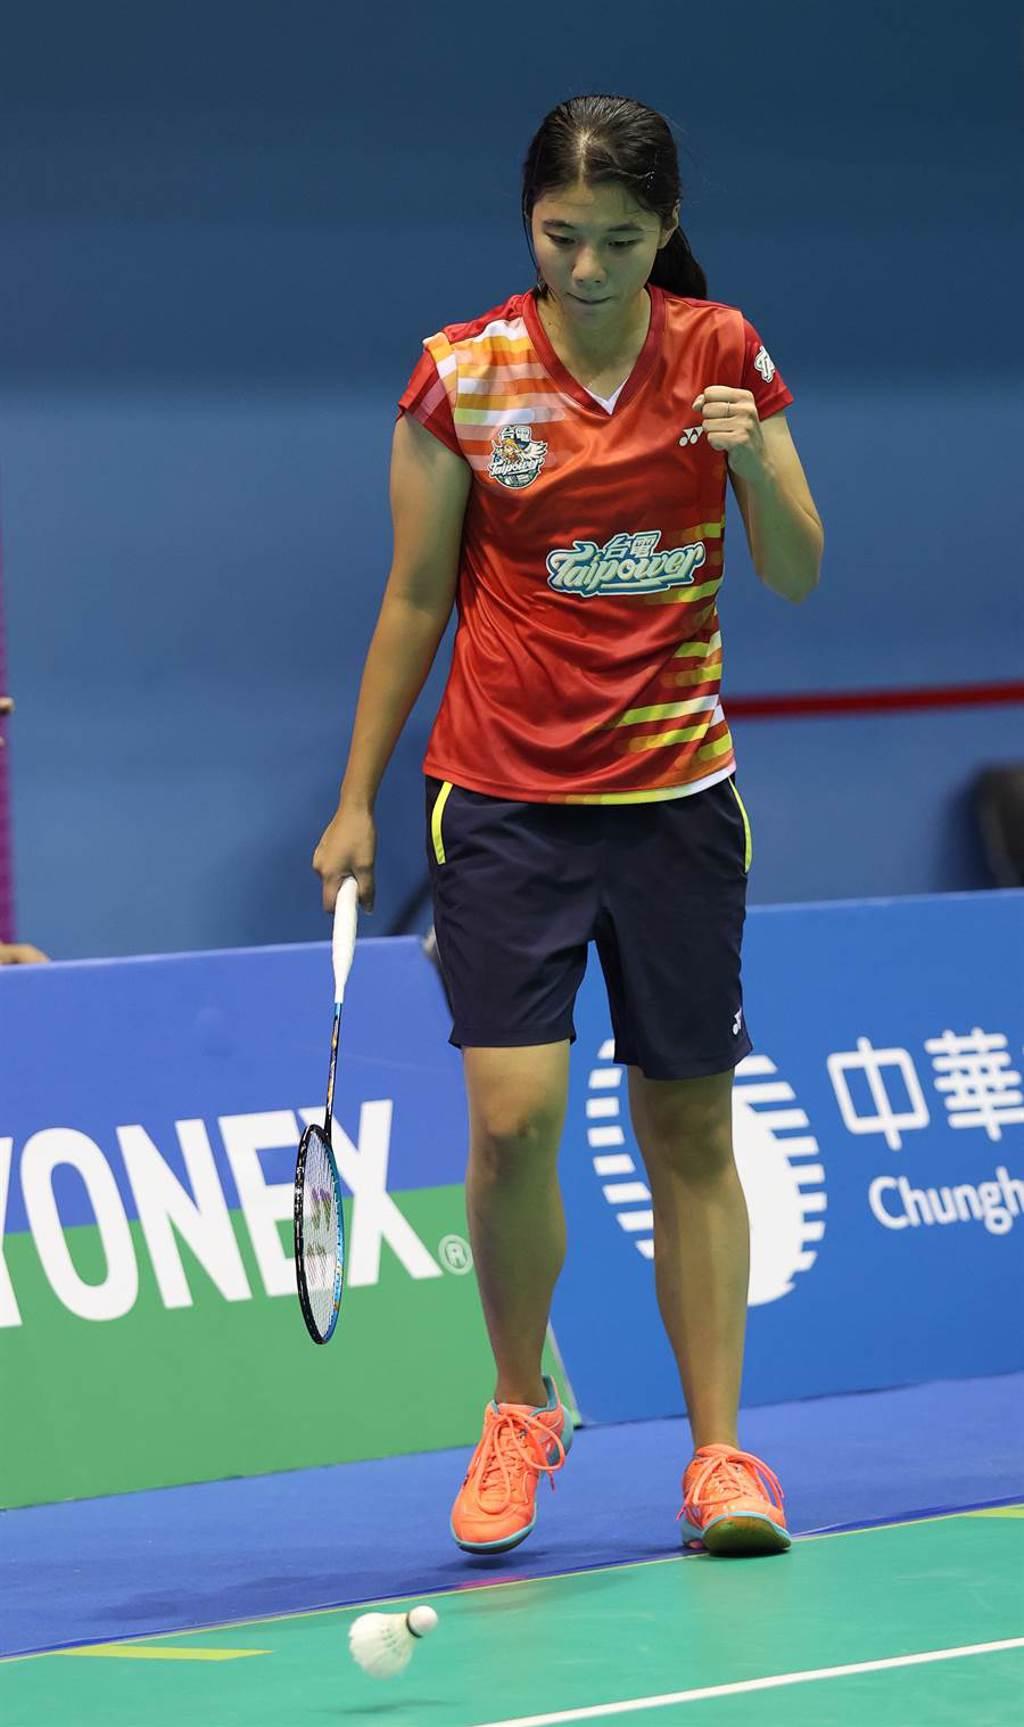 對手擊球出界,宋碩芸為自己的分握拳慶祝。(台電羽球隊提供)